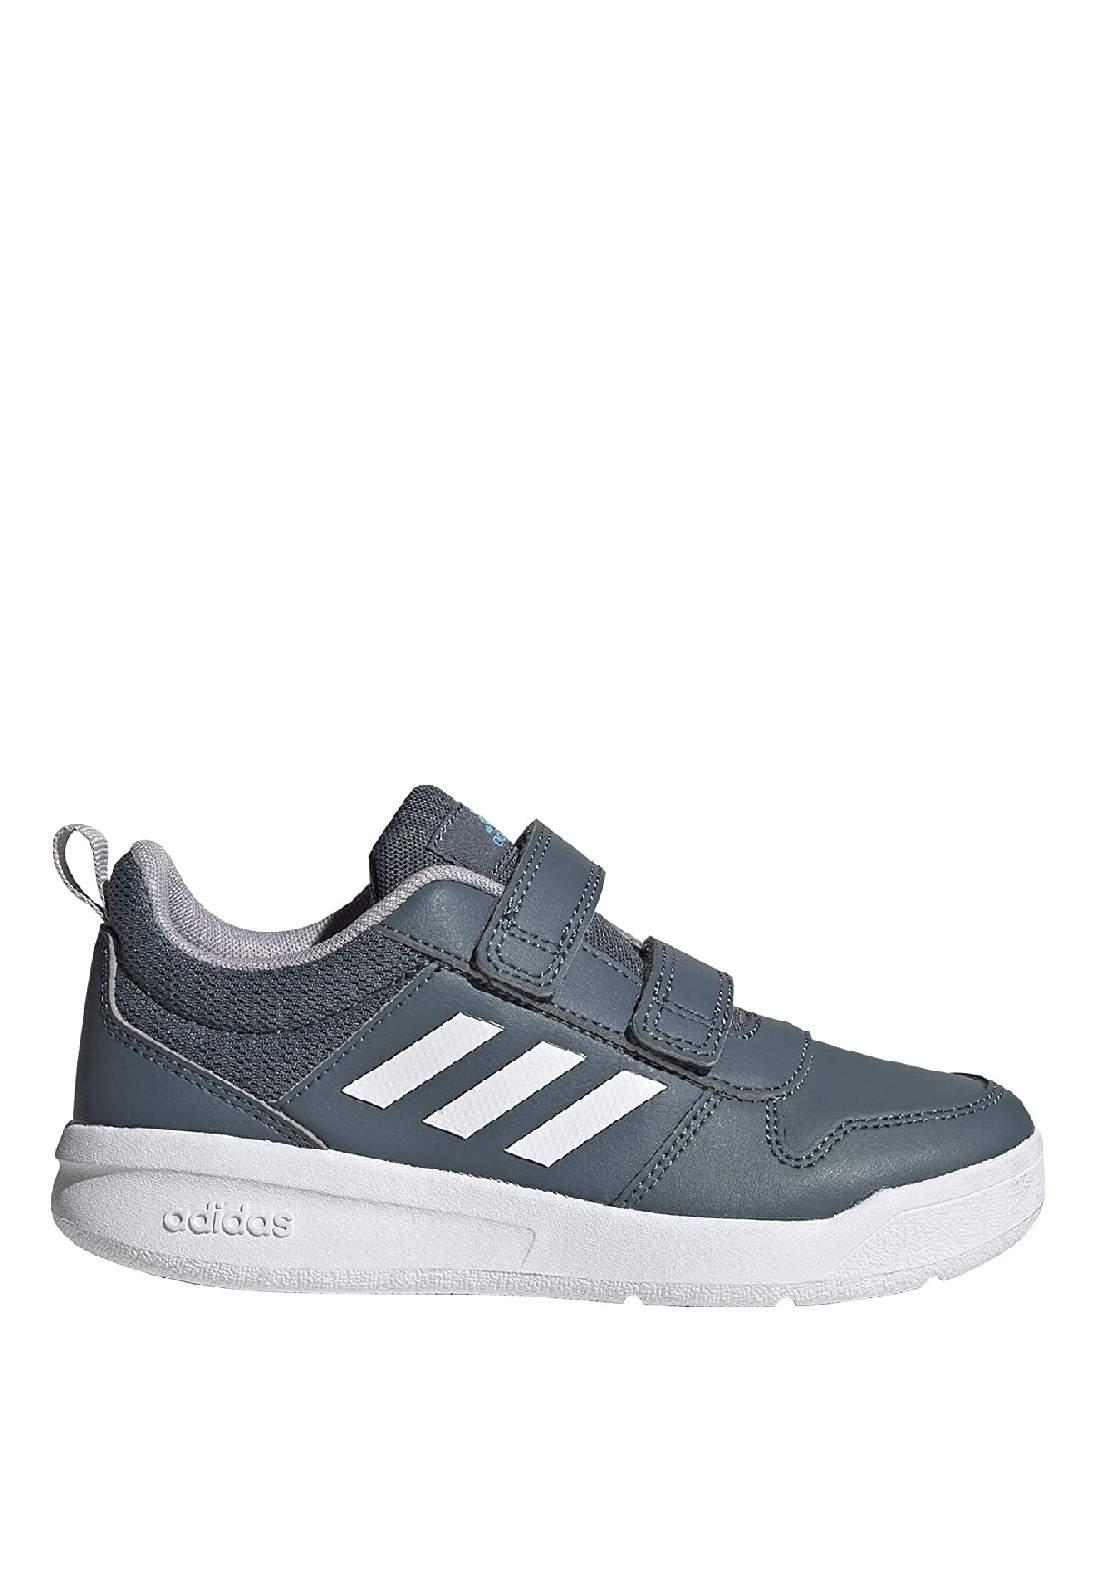 Adidas حذاء ولادي رياضي نيلي اللون من